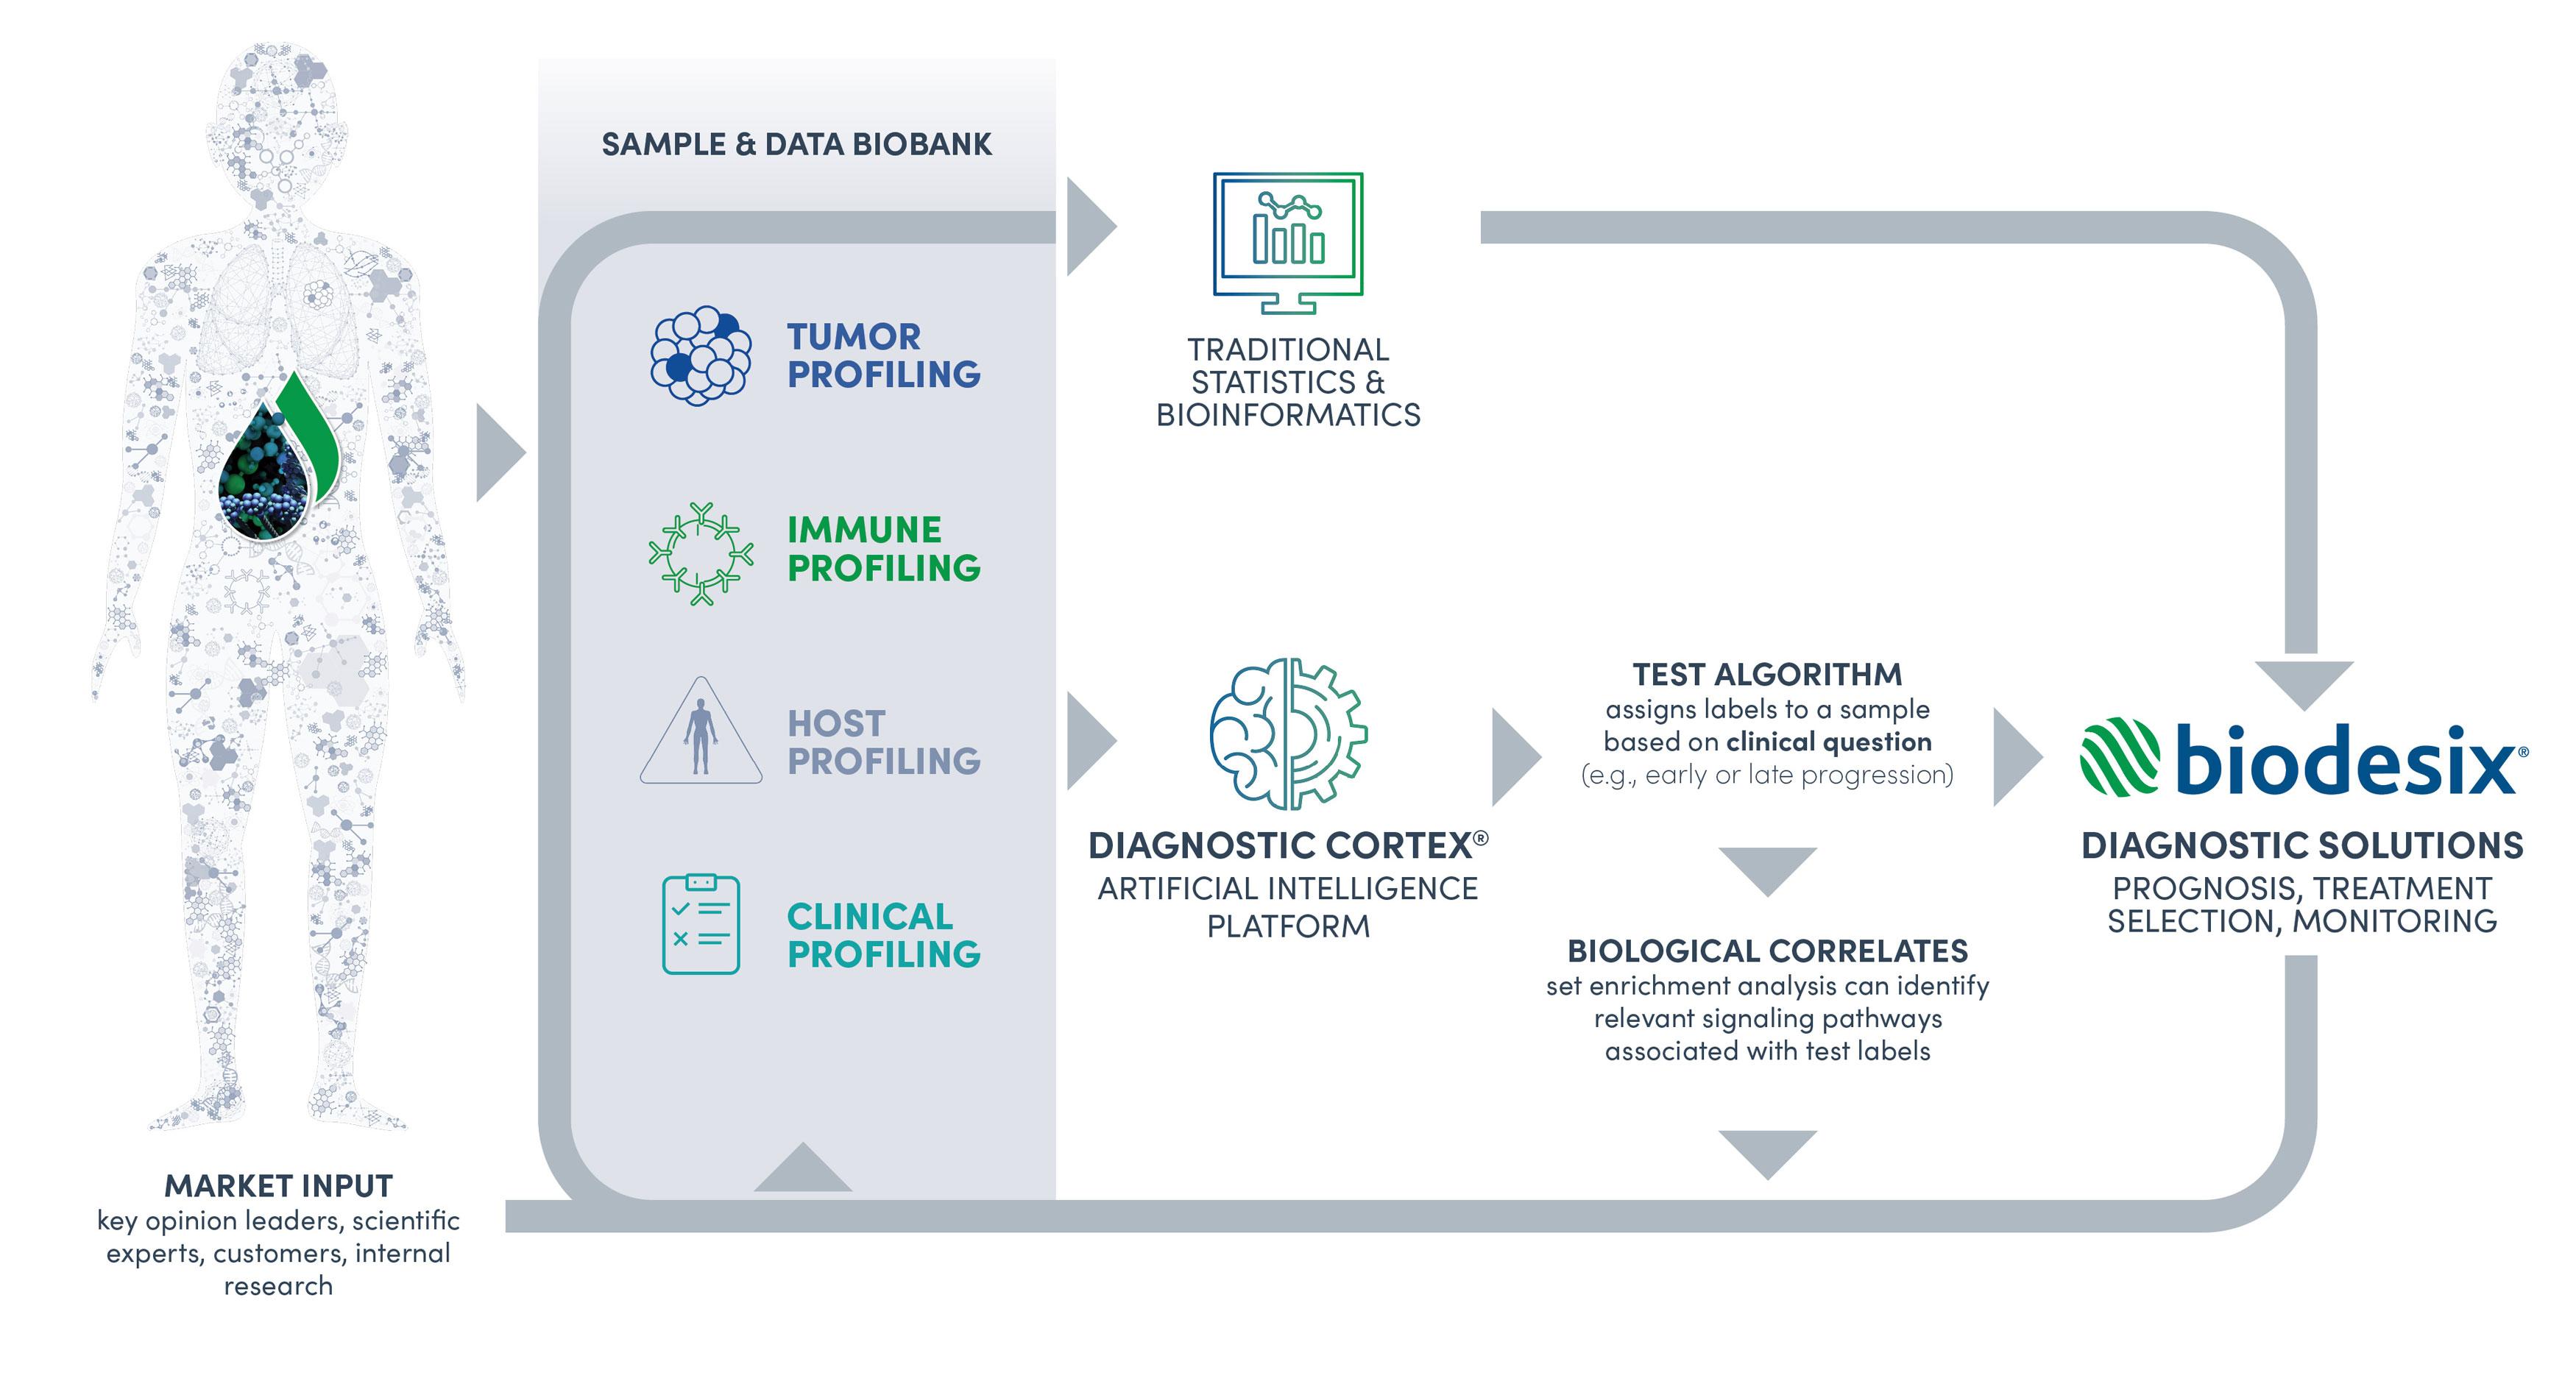 Biodesix_Graphic_1